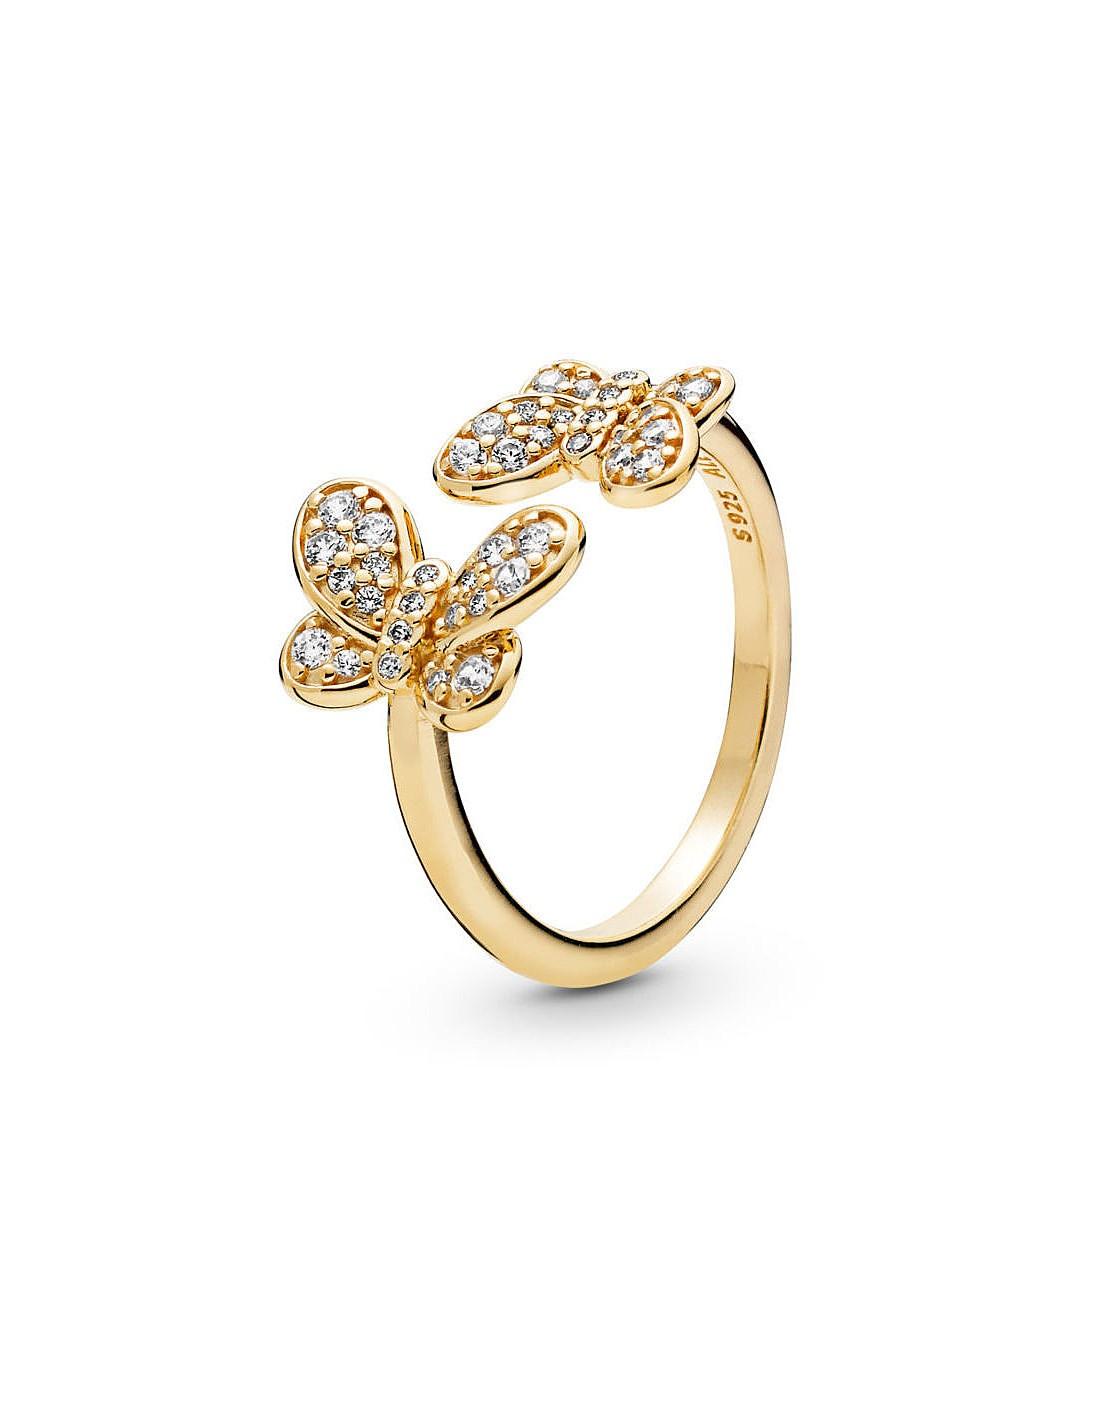 Anello Pandora Farfalle Prezioso Collezione Shine Misura Anello 54 14